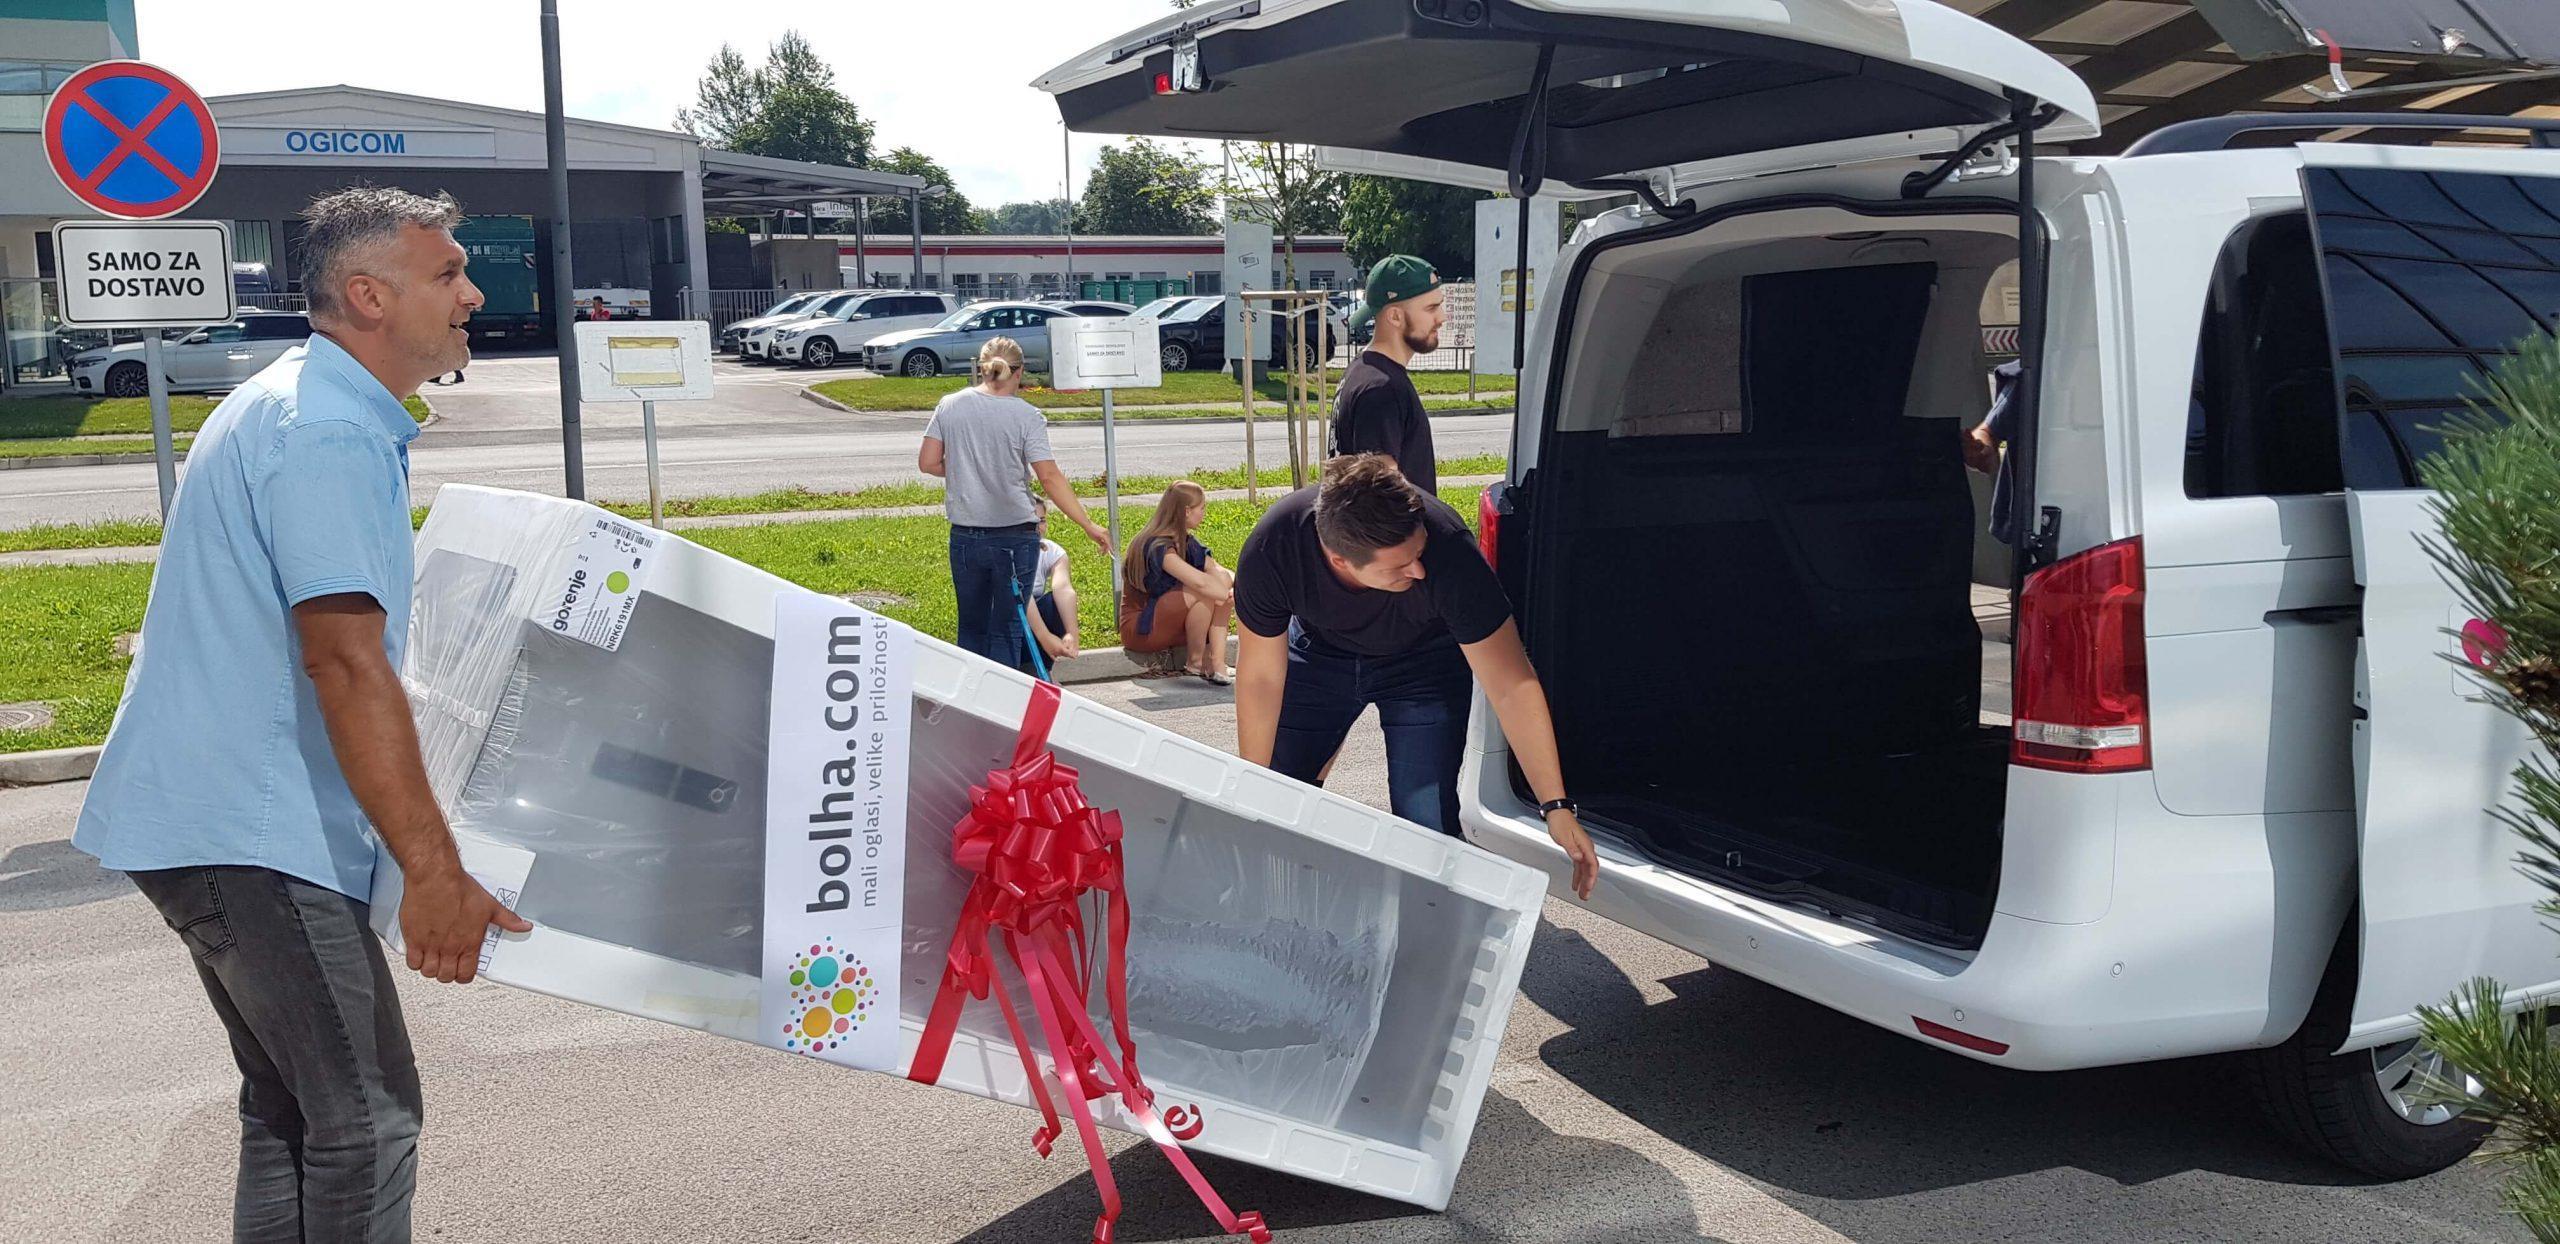 Podarili smo velik hladilnik